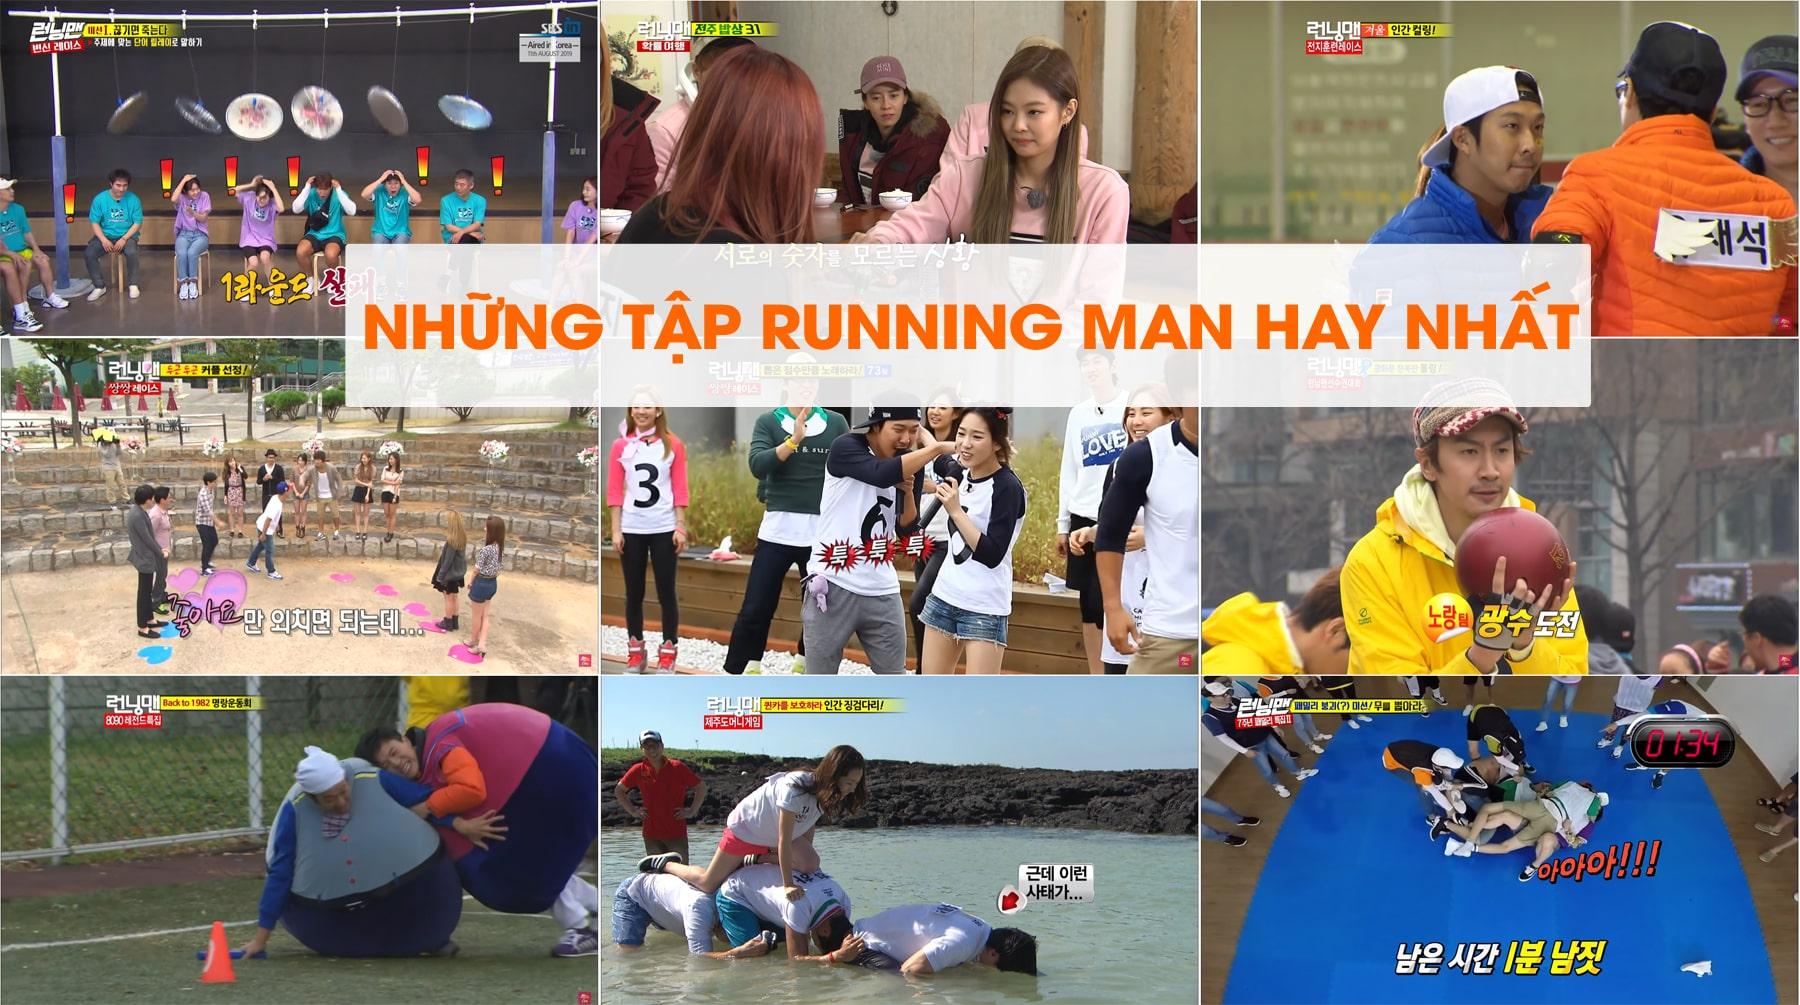 top-nhung-tap-runingman-hay-nhat